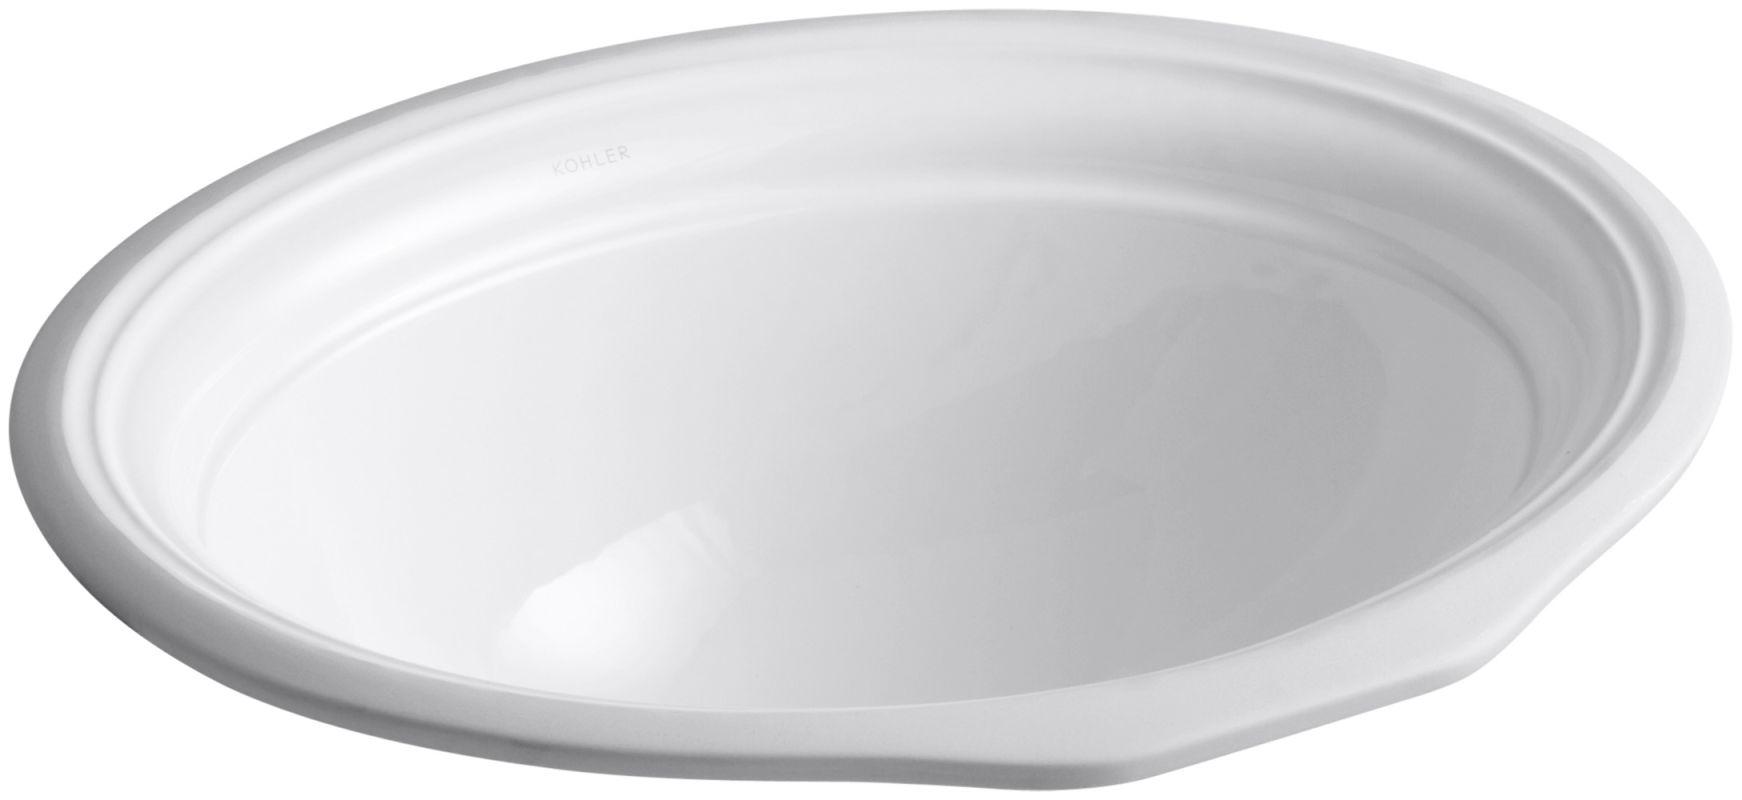 Faucet.com   K-2336-0 in White by Kohler